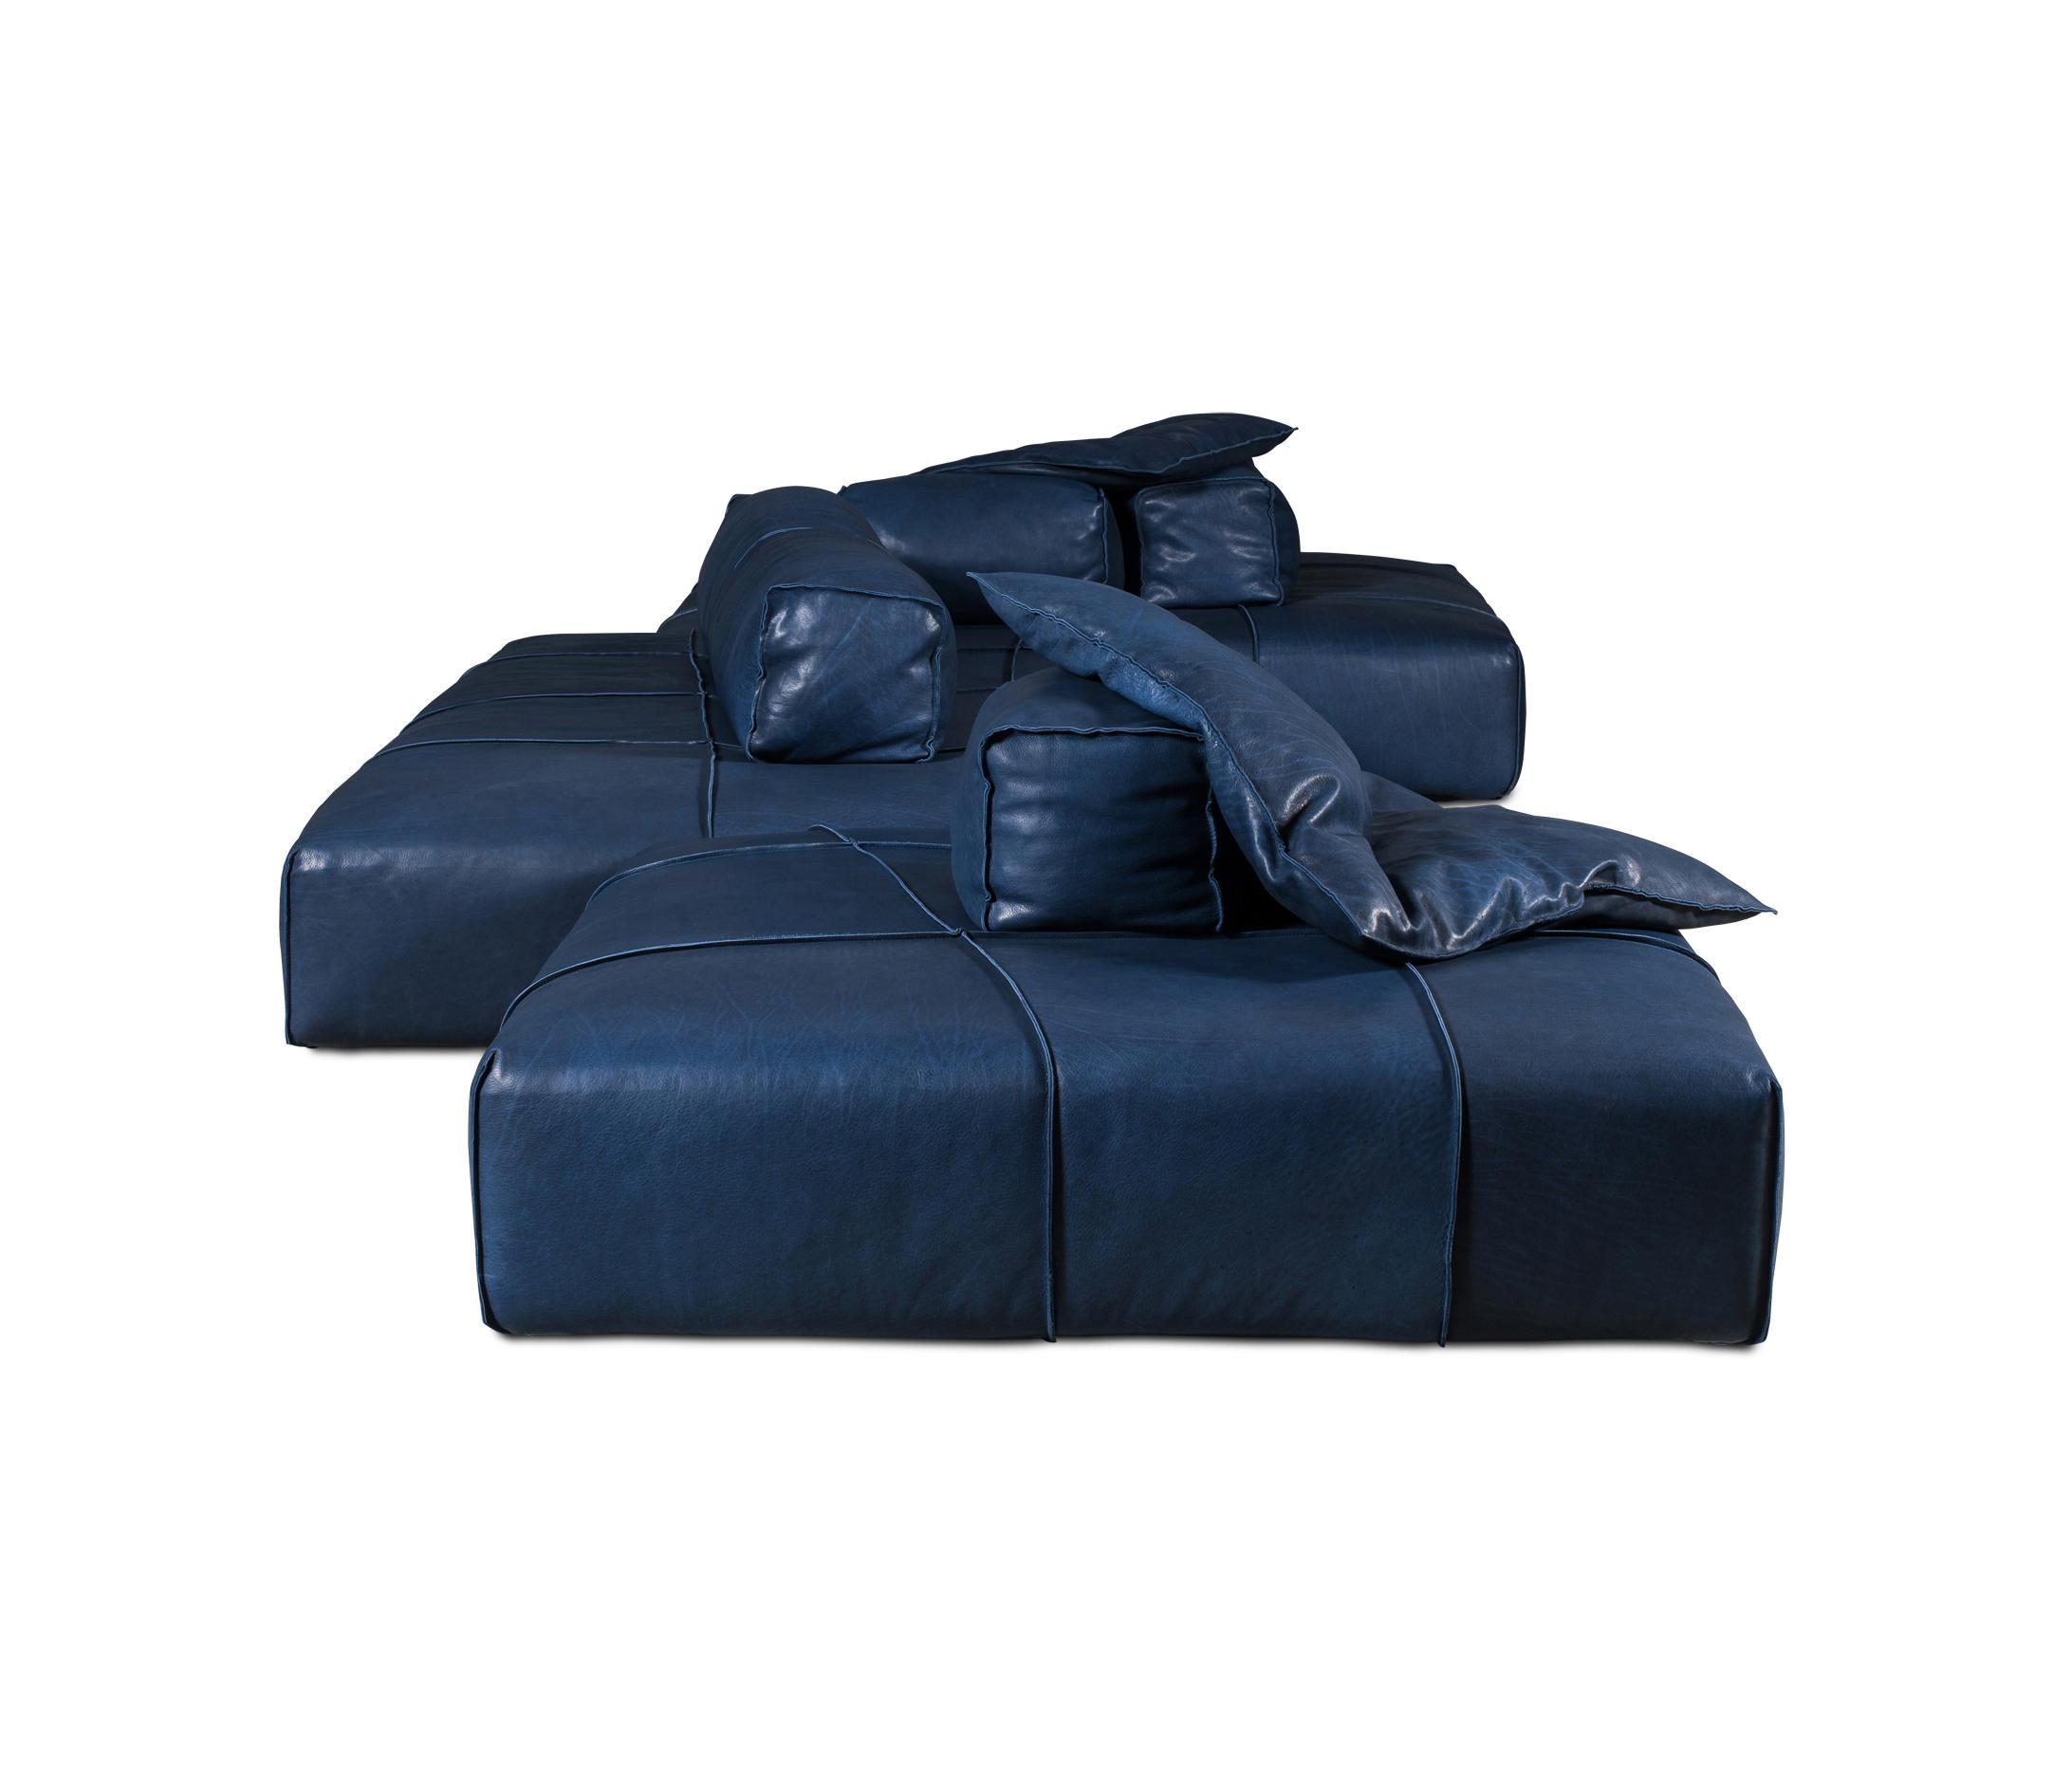 Panama bold outdoor modular sofa garden sofas from for Sofa modular exterior